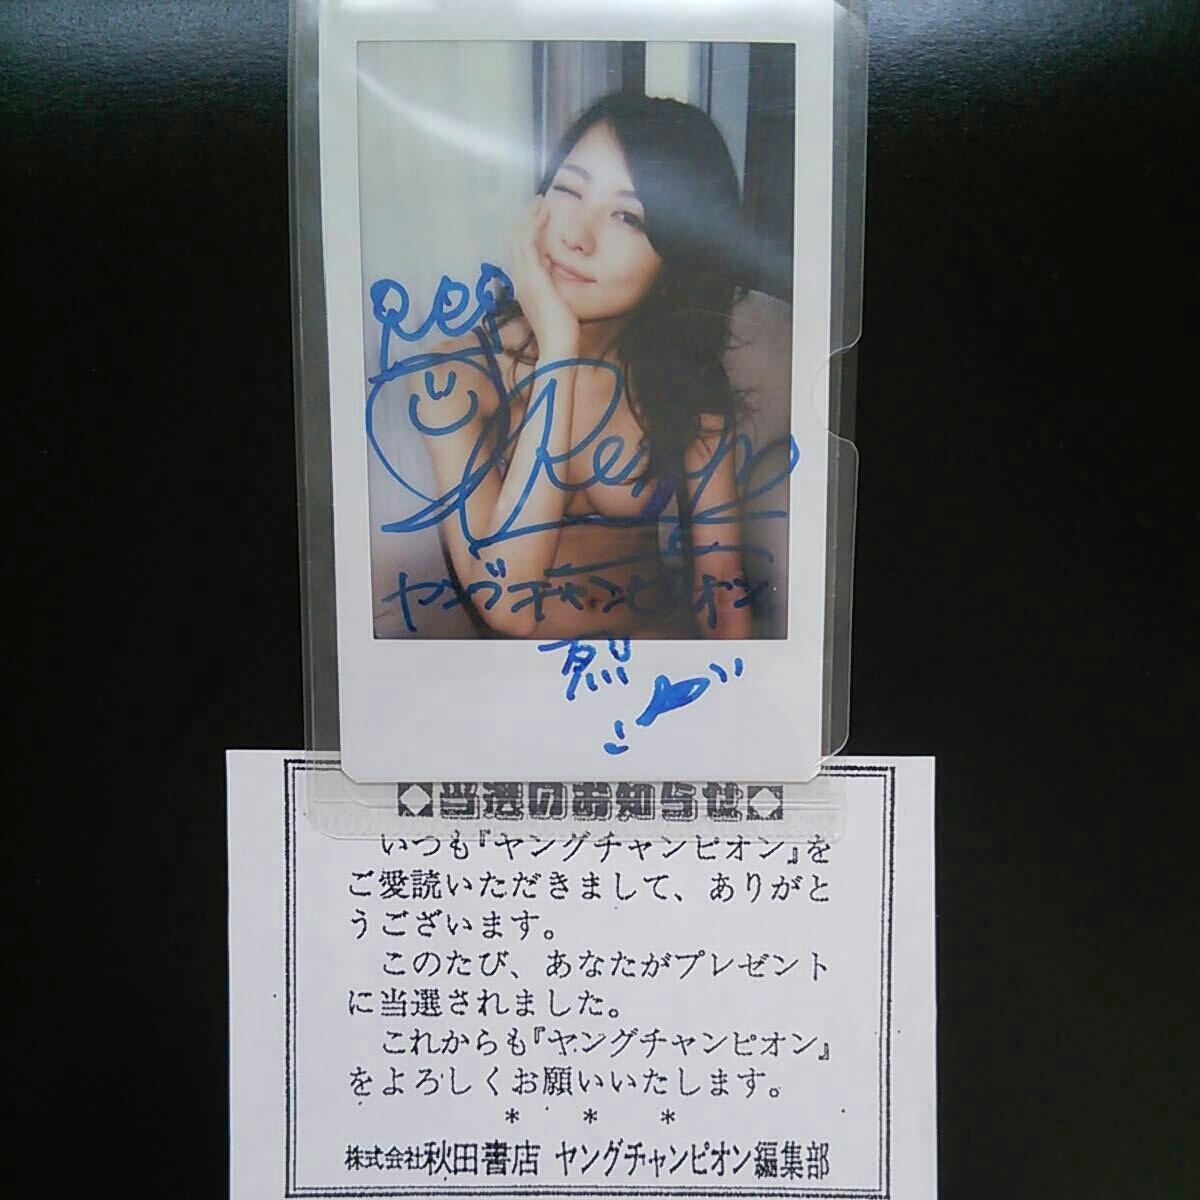 石川恋 直筆サイン入り チェキ